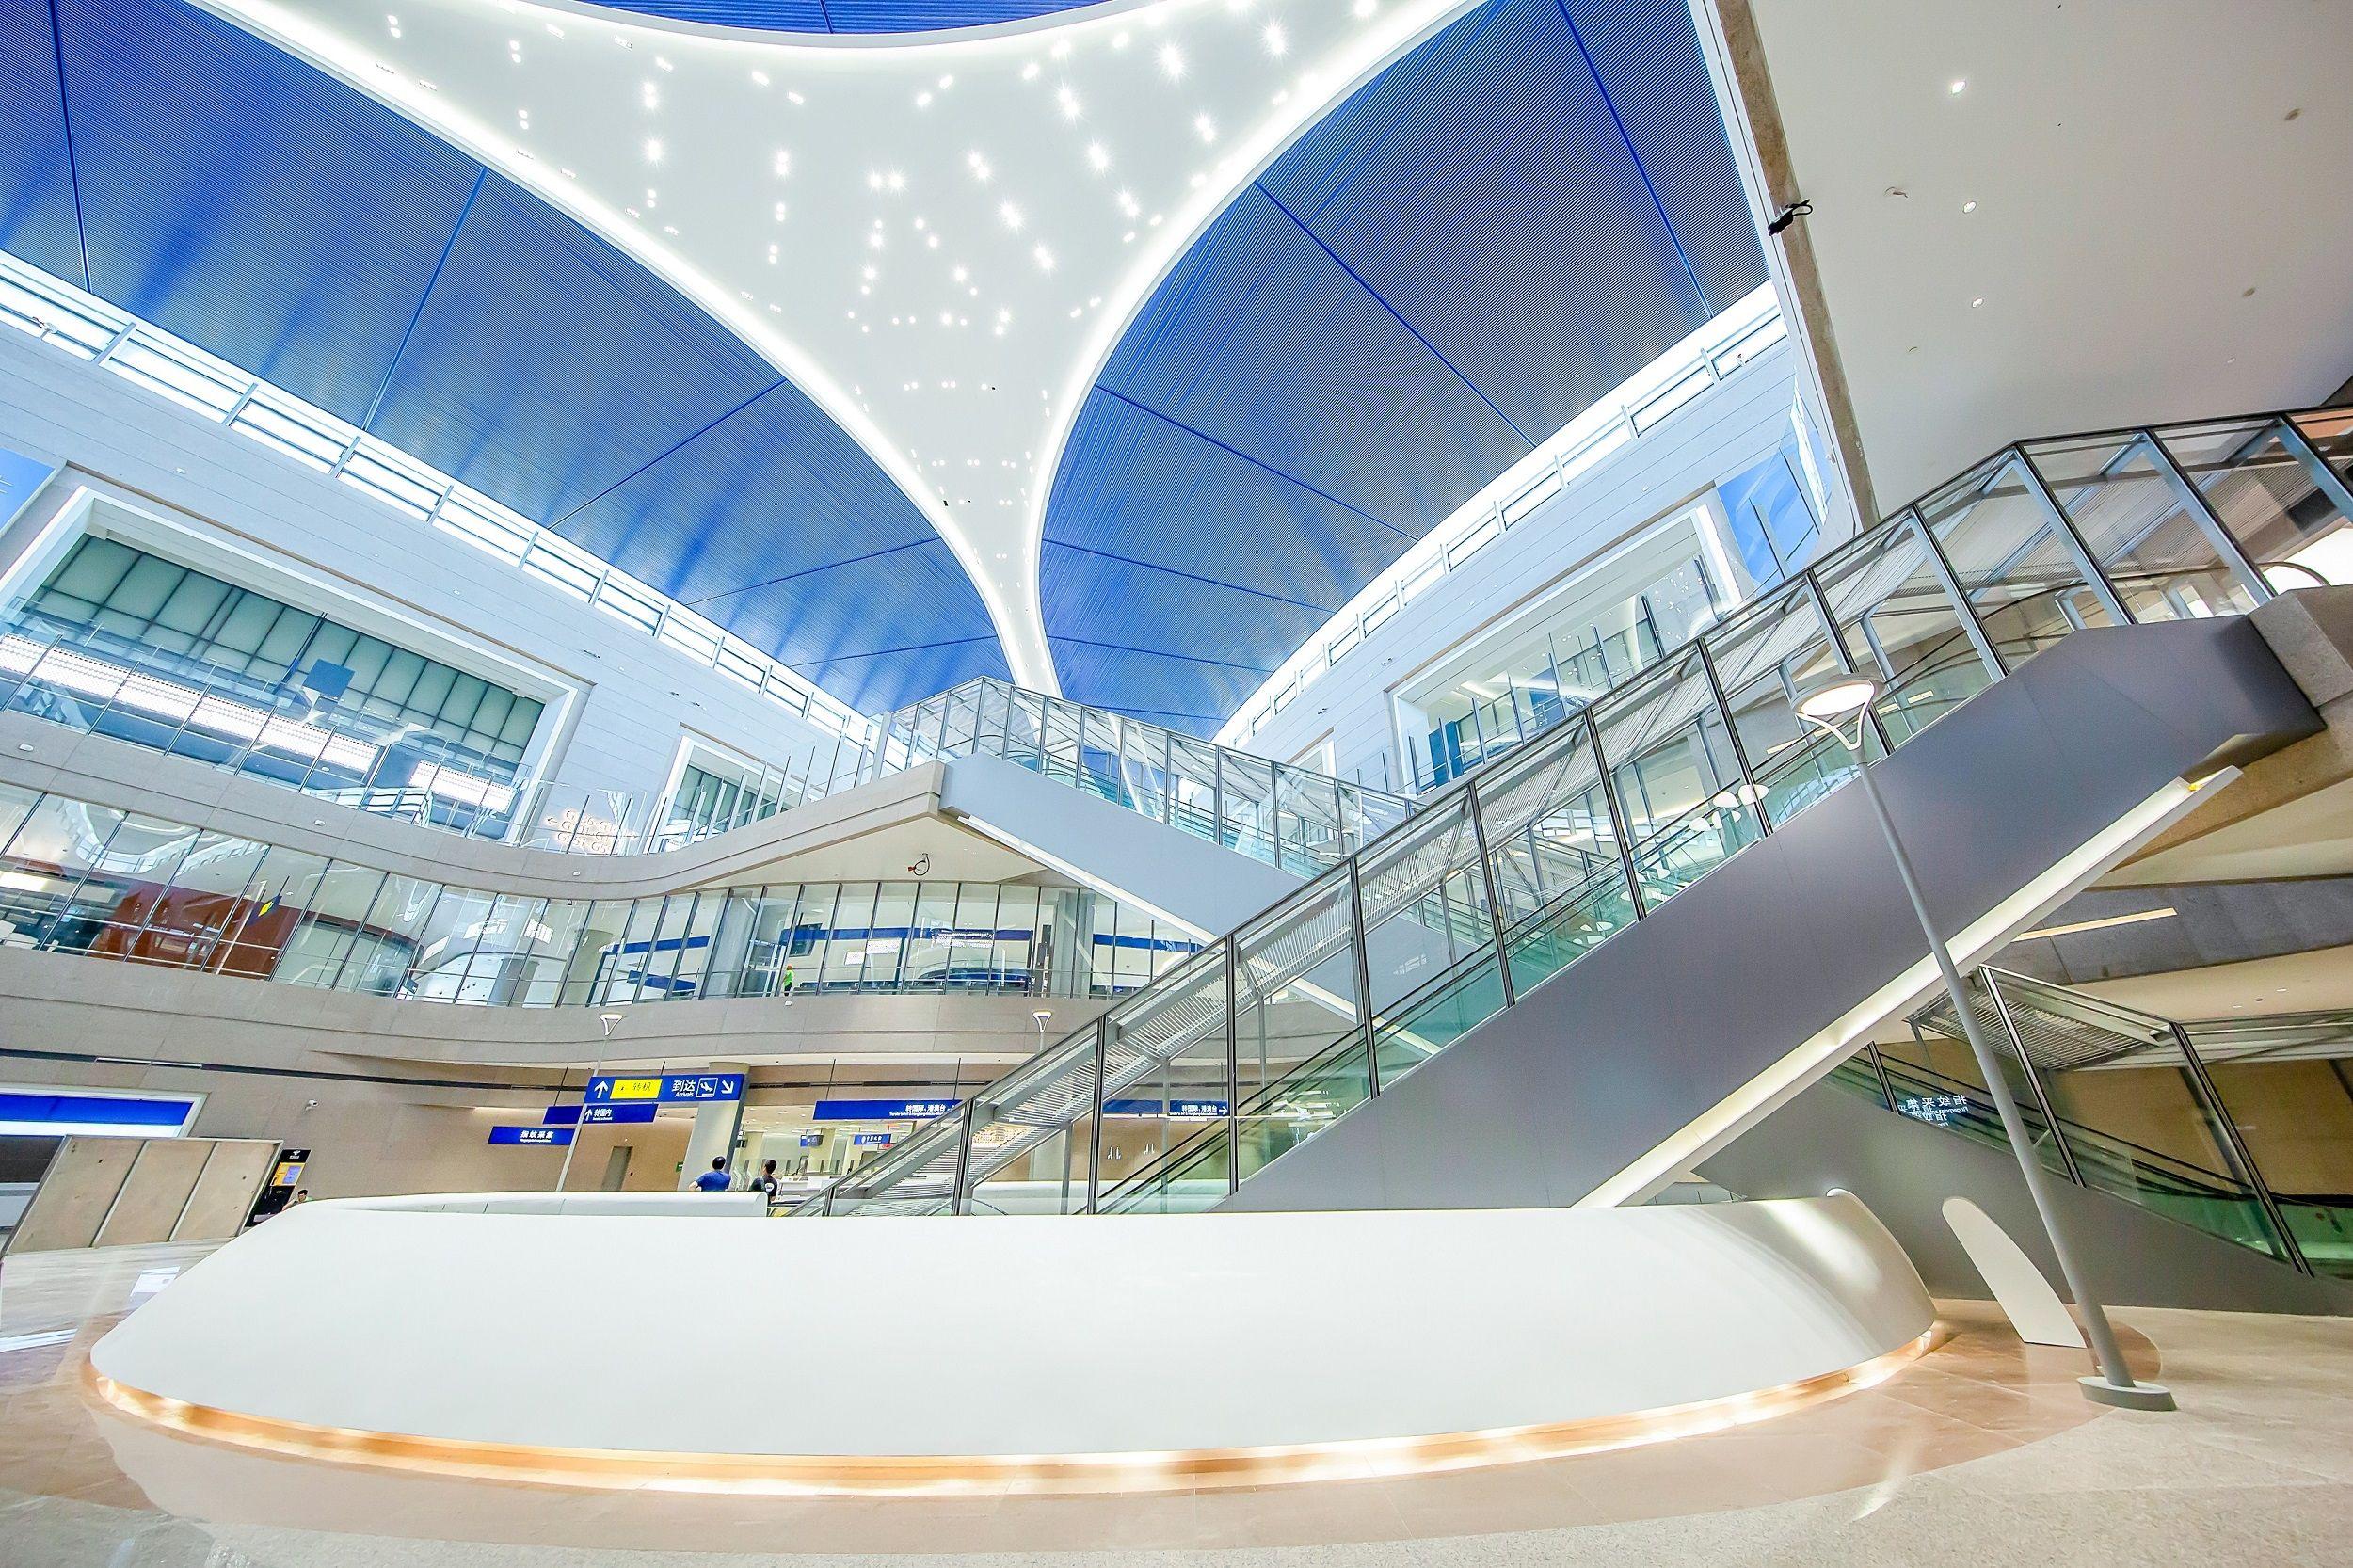 达美航空入驻全新上海浦东国际机场卫星厅